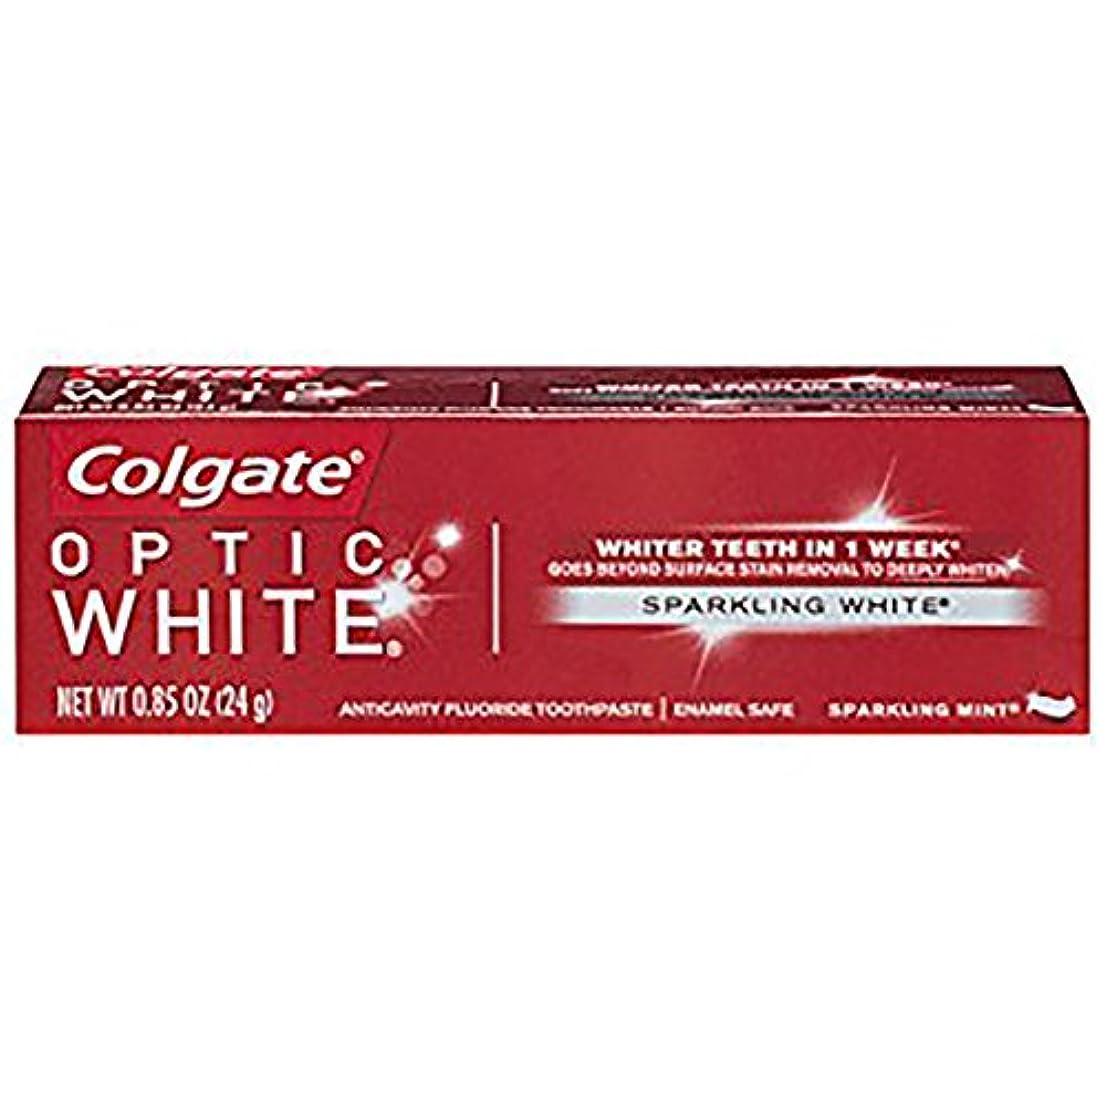 計り知れないテクトニックミサイルコルゲート ホワイトニング Colgate 24g Optic White Sparkling White 白い歯 歯磨き粉 ミント